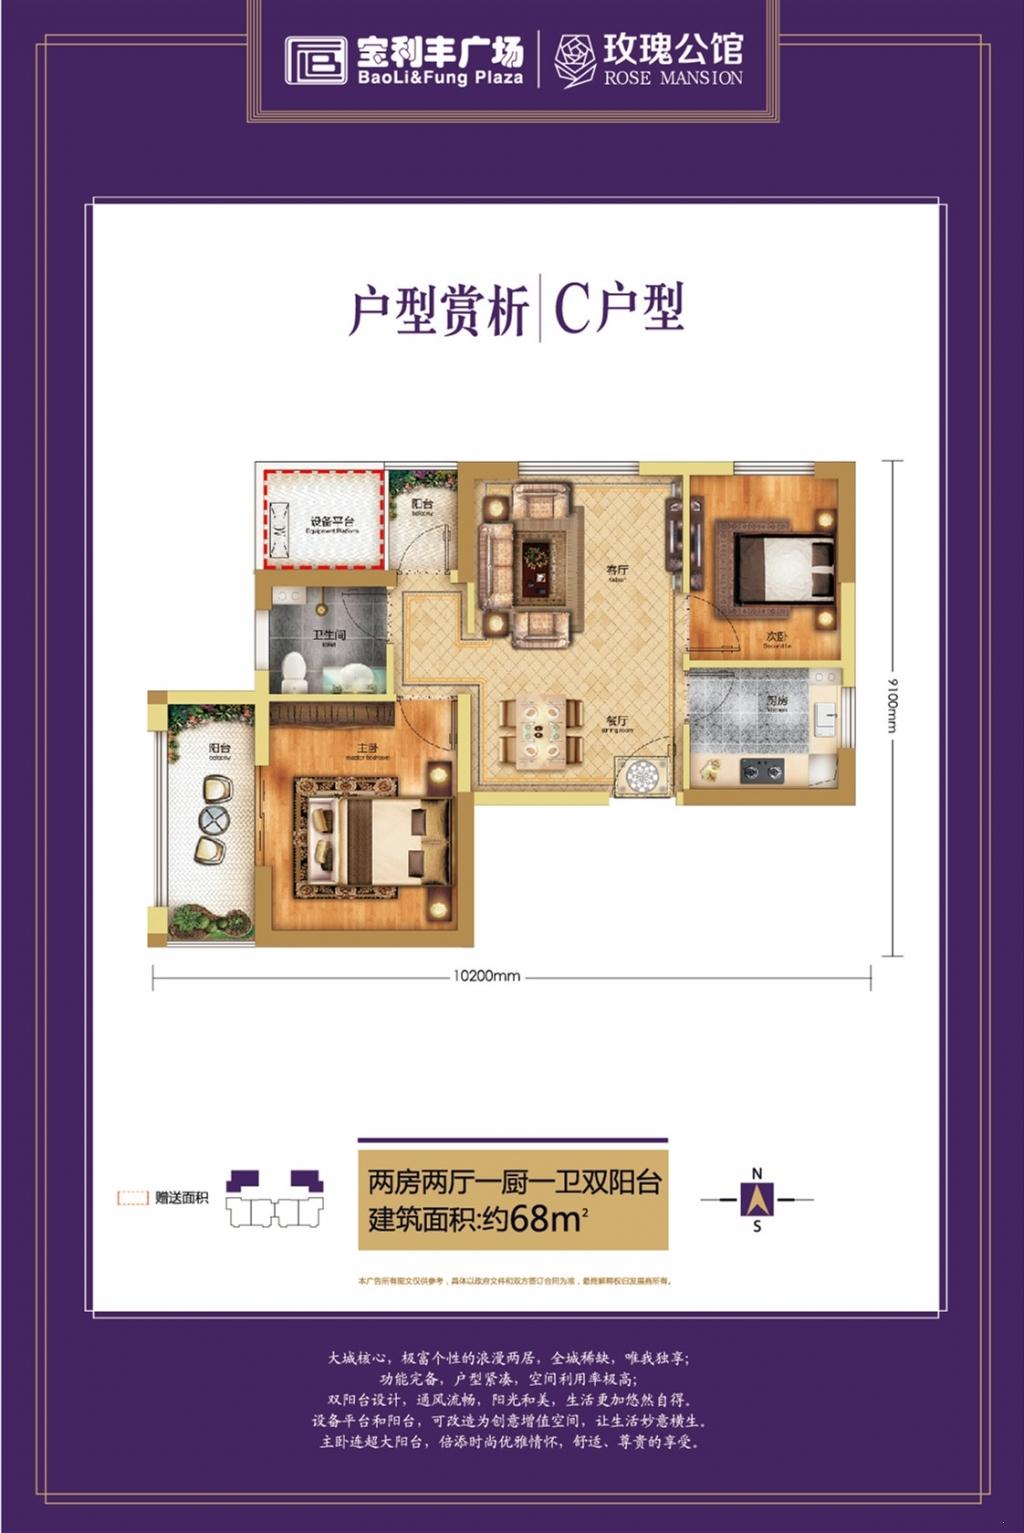 宝利丰广场户型图